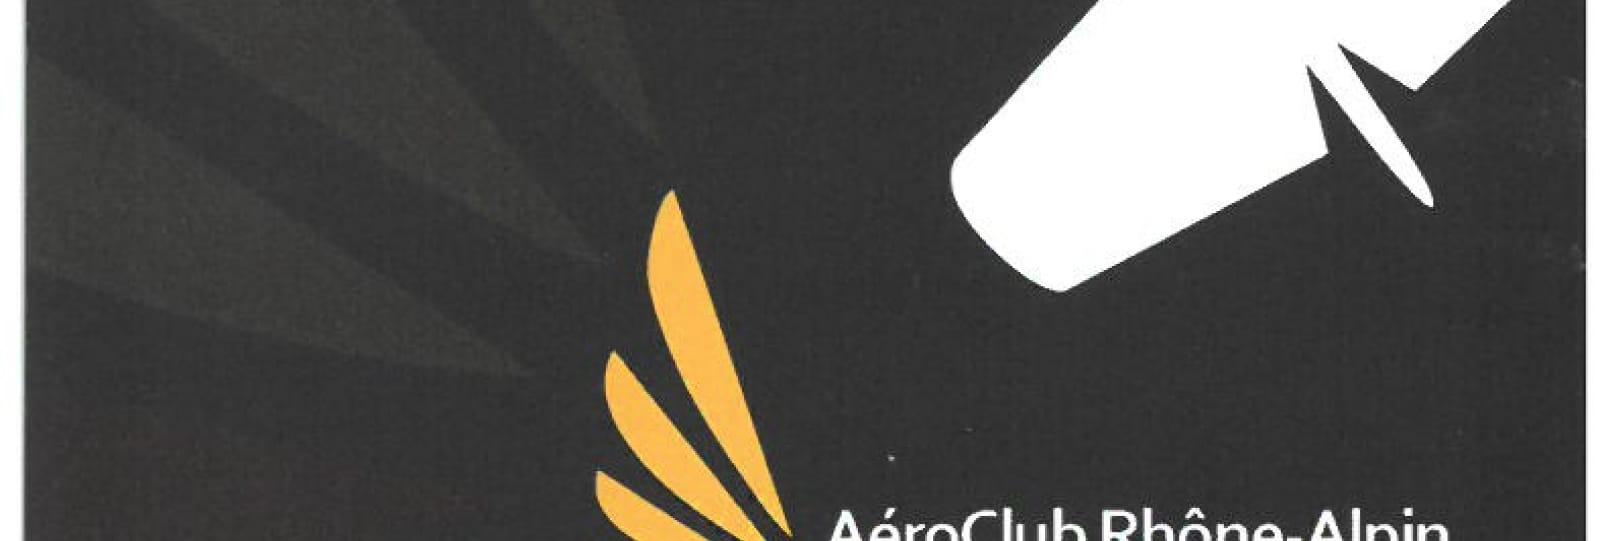 Vols d'Initiation Aéroclub Rhône-Alpin